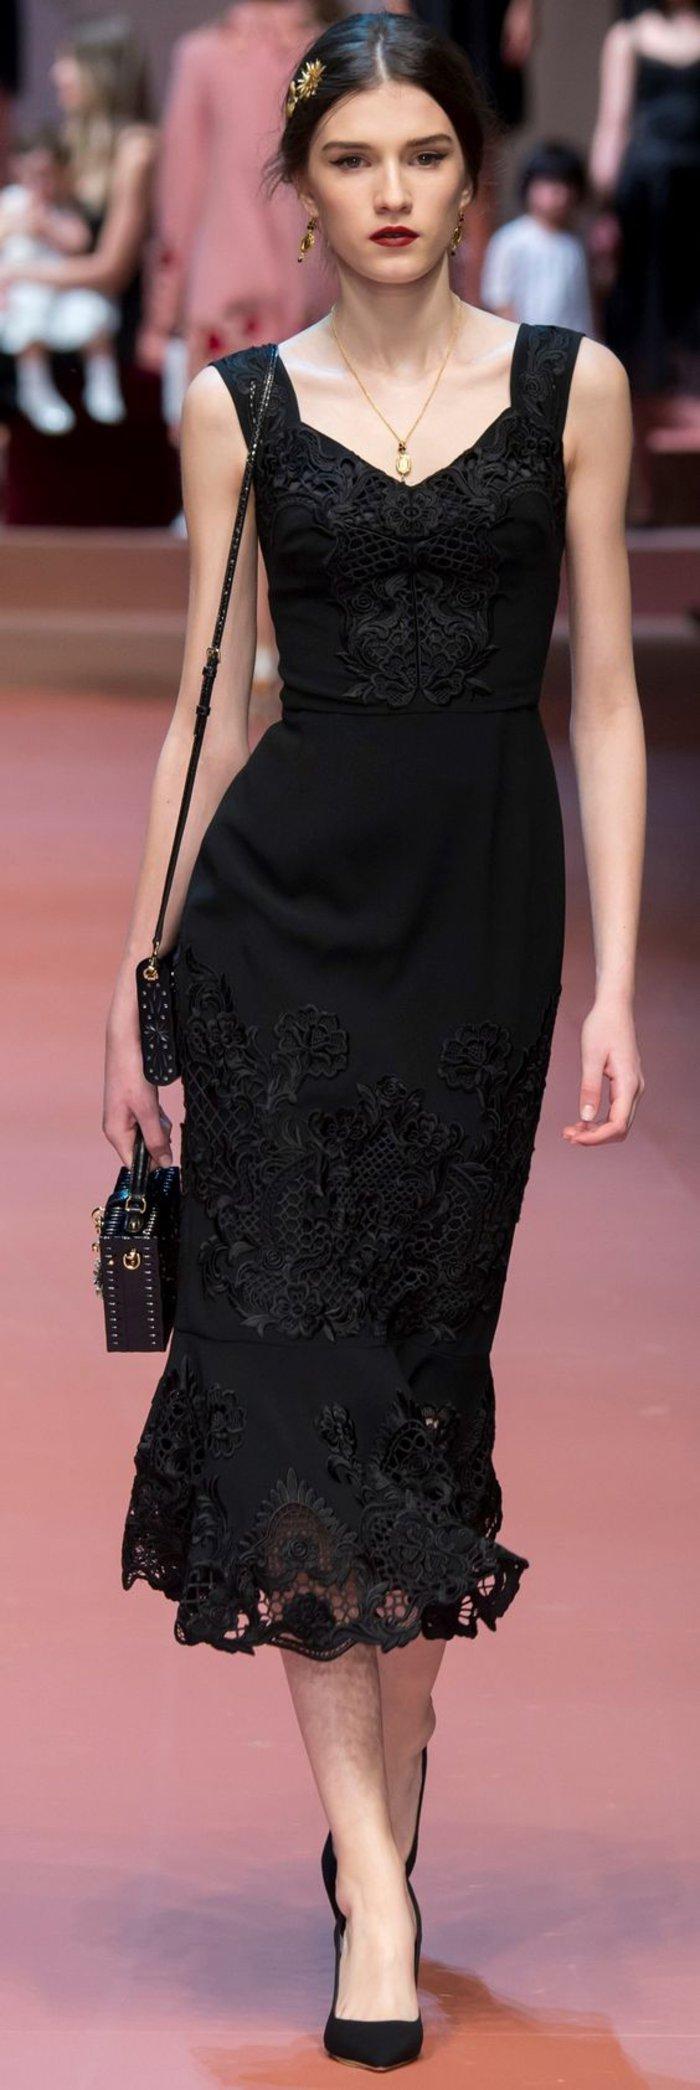 Lange schwarze schlichte kleider